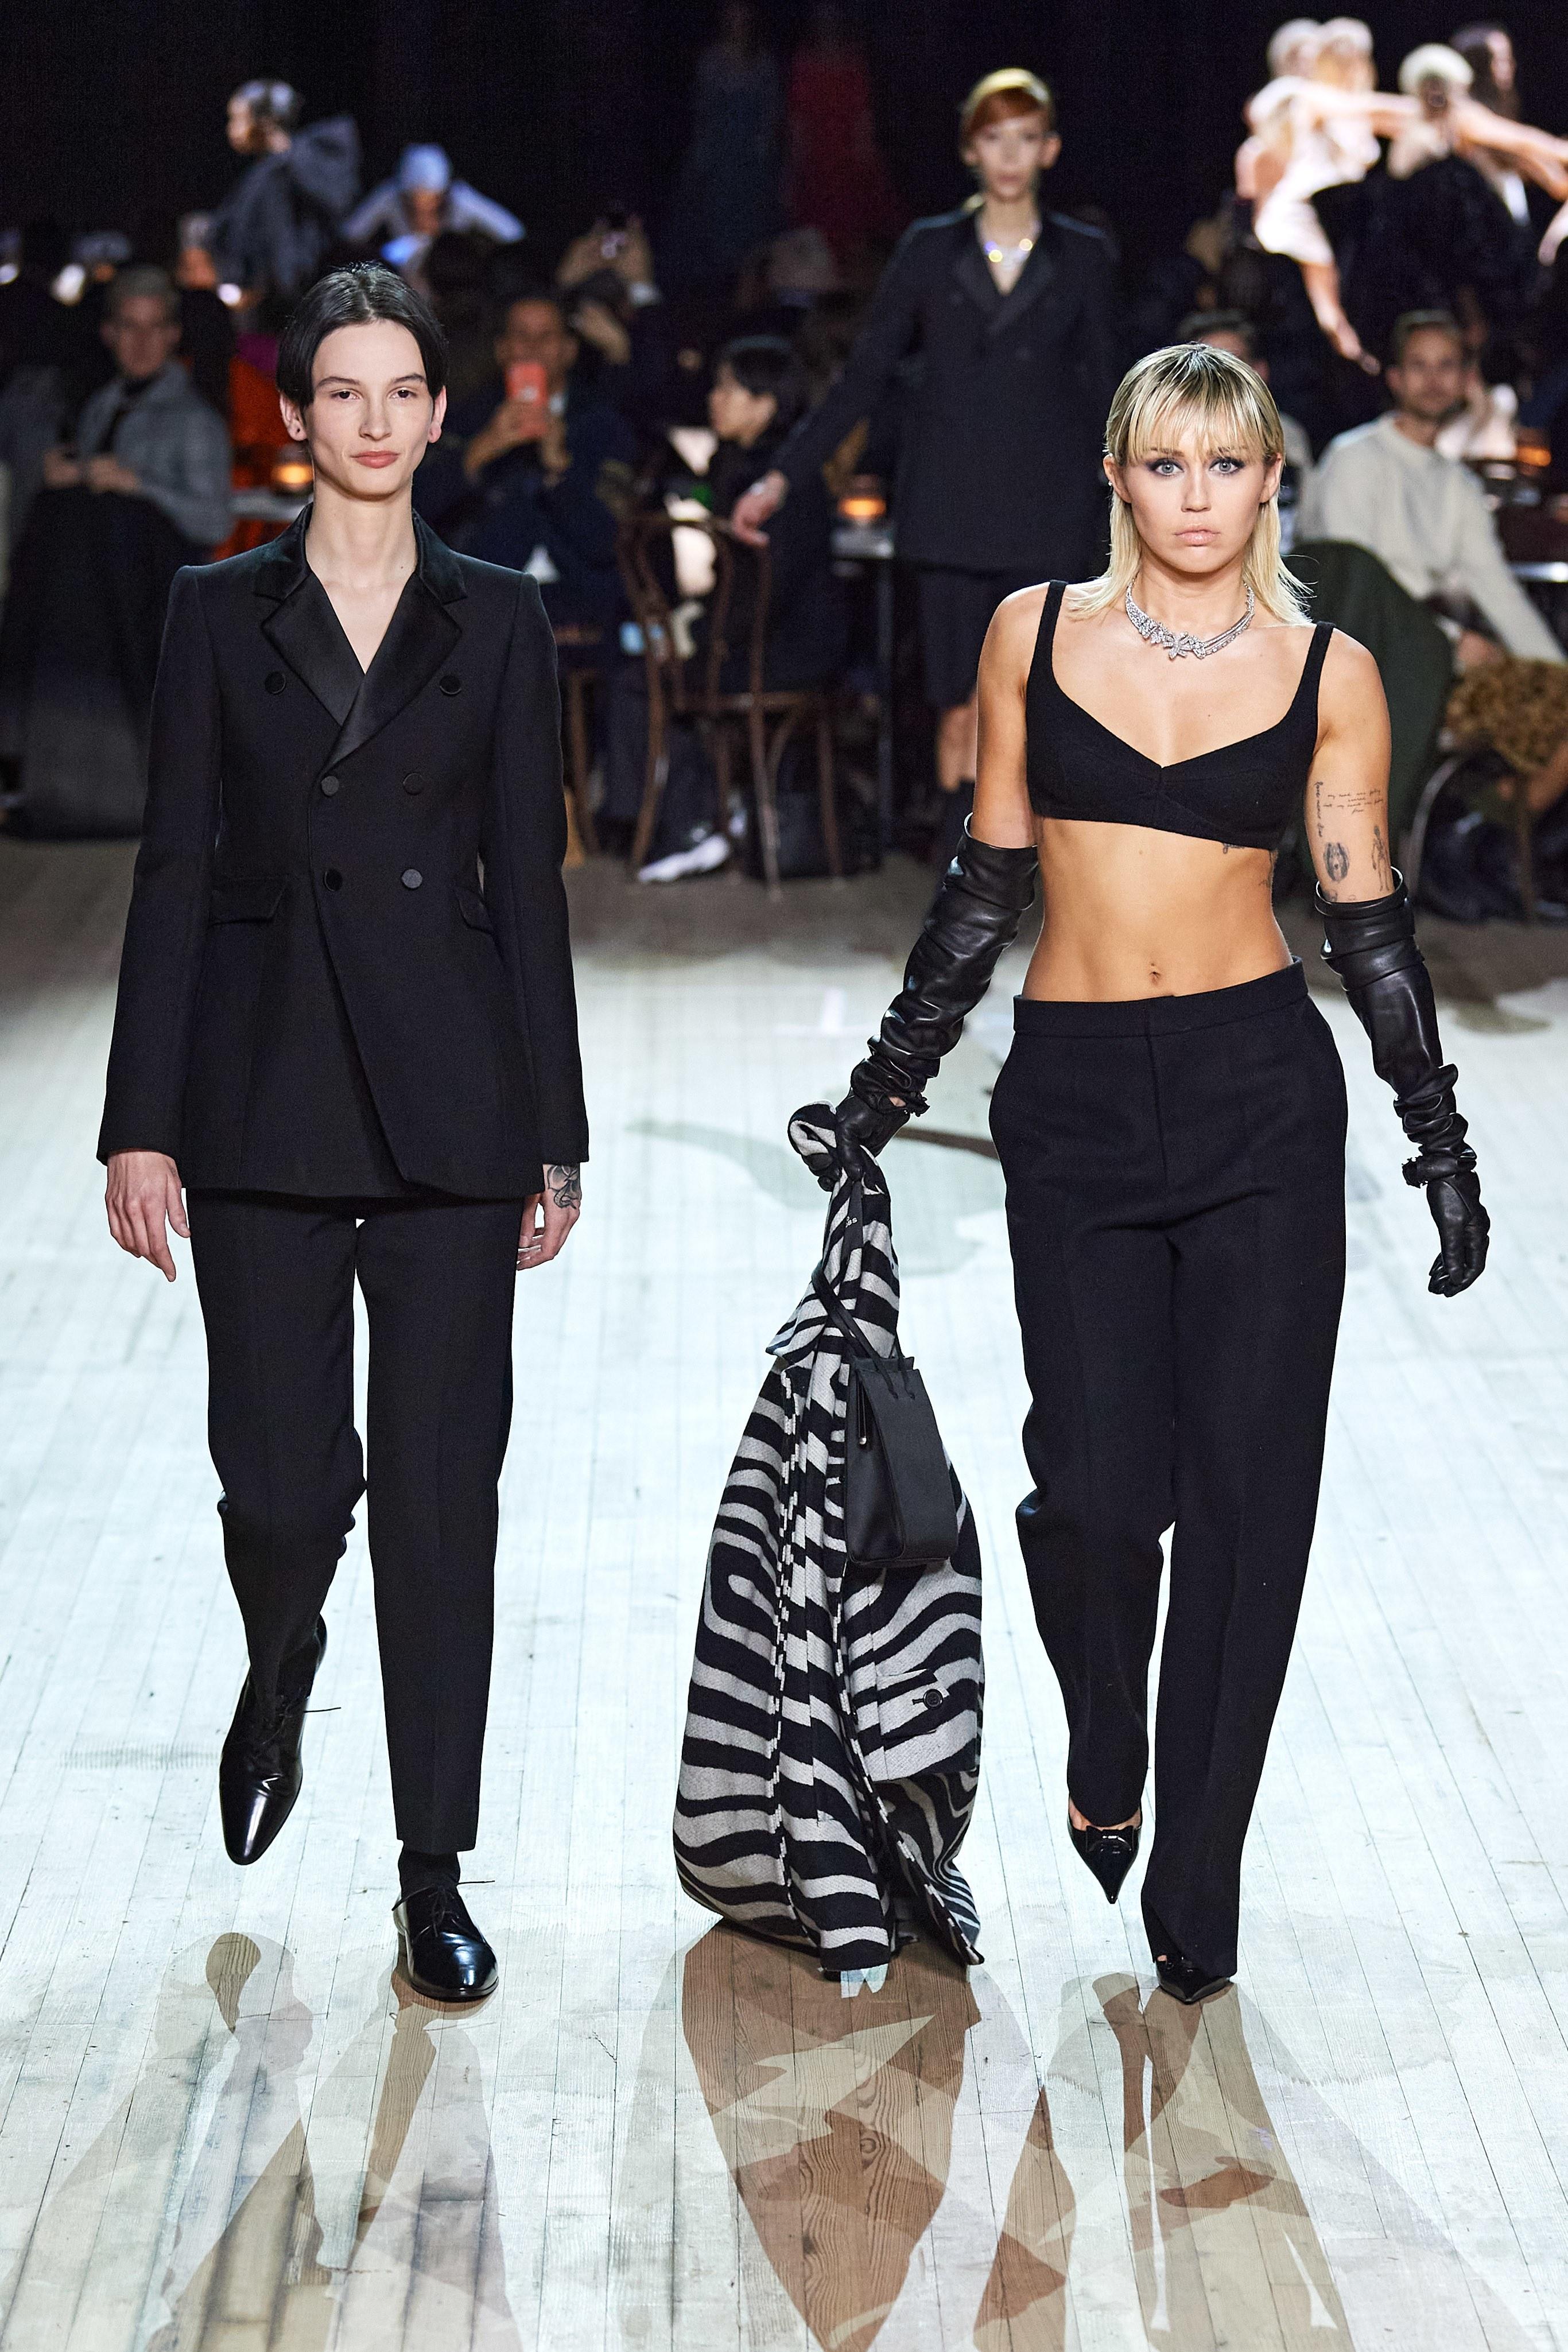 tuần lễ thời trang thu đông 2020 marc jacobs miley cyrus